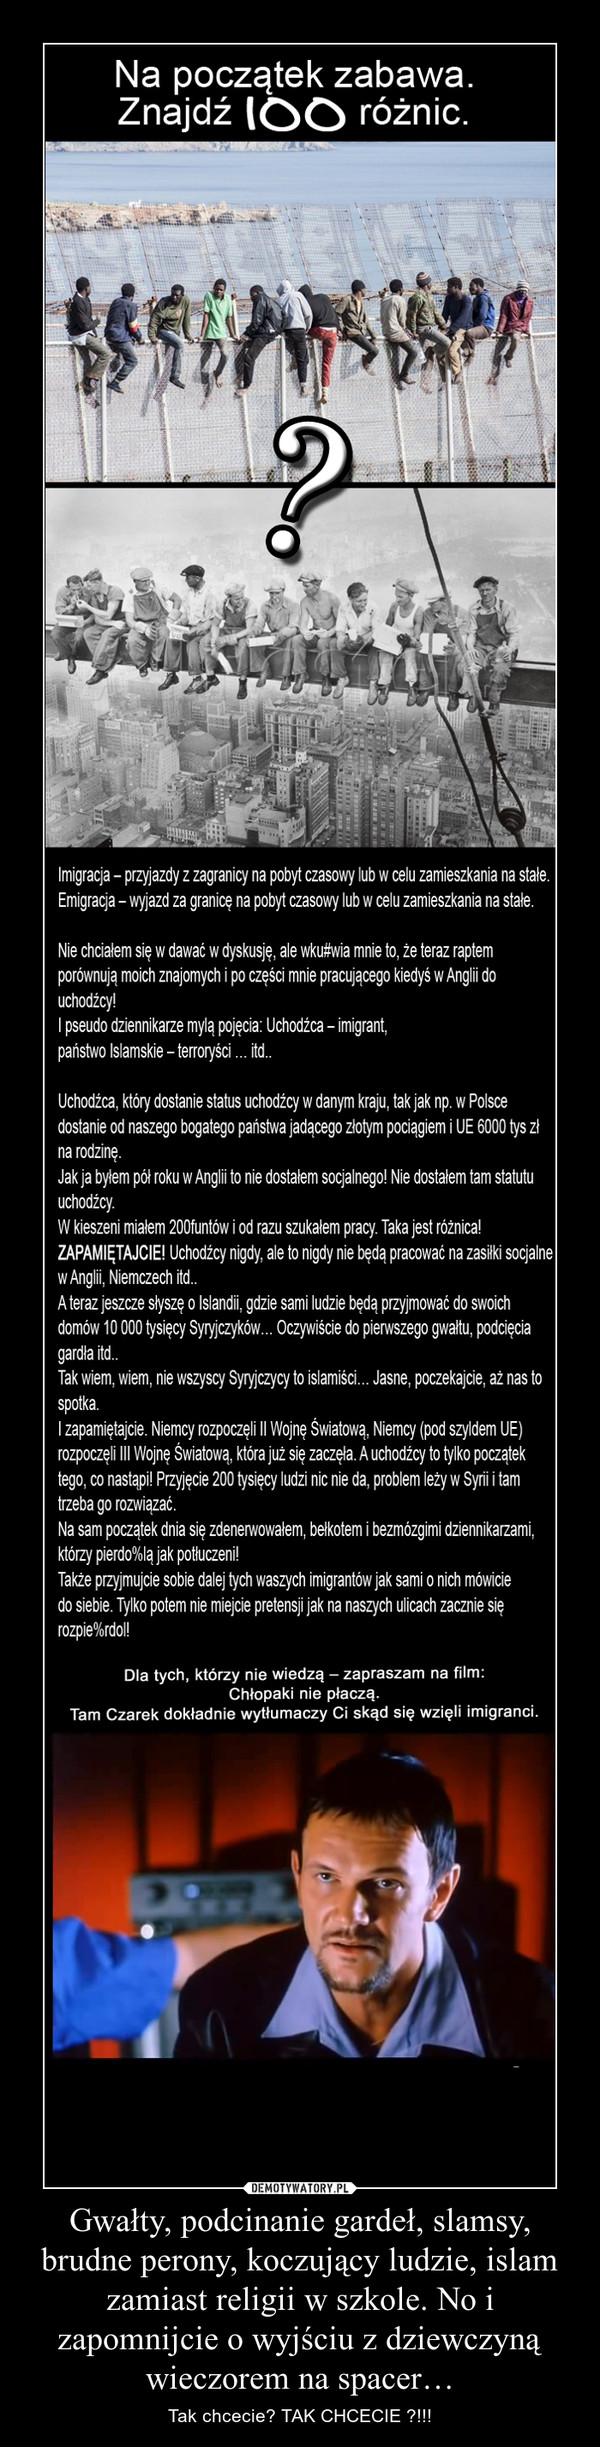 Gwałty, podcinanie gardeł, slamsy, brudne perony, koczujący ludzie, islam zamiast religii w szkole. No i zapomnijcie o wyjściu z dziewczyną wieczorem na spacer… – Tak chcecie? TAK CHCECIE ?!!!